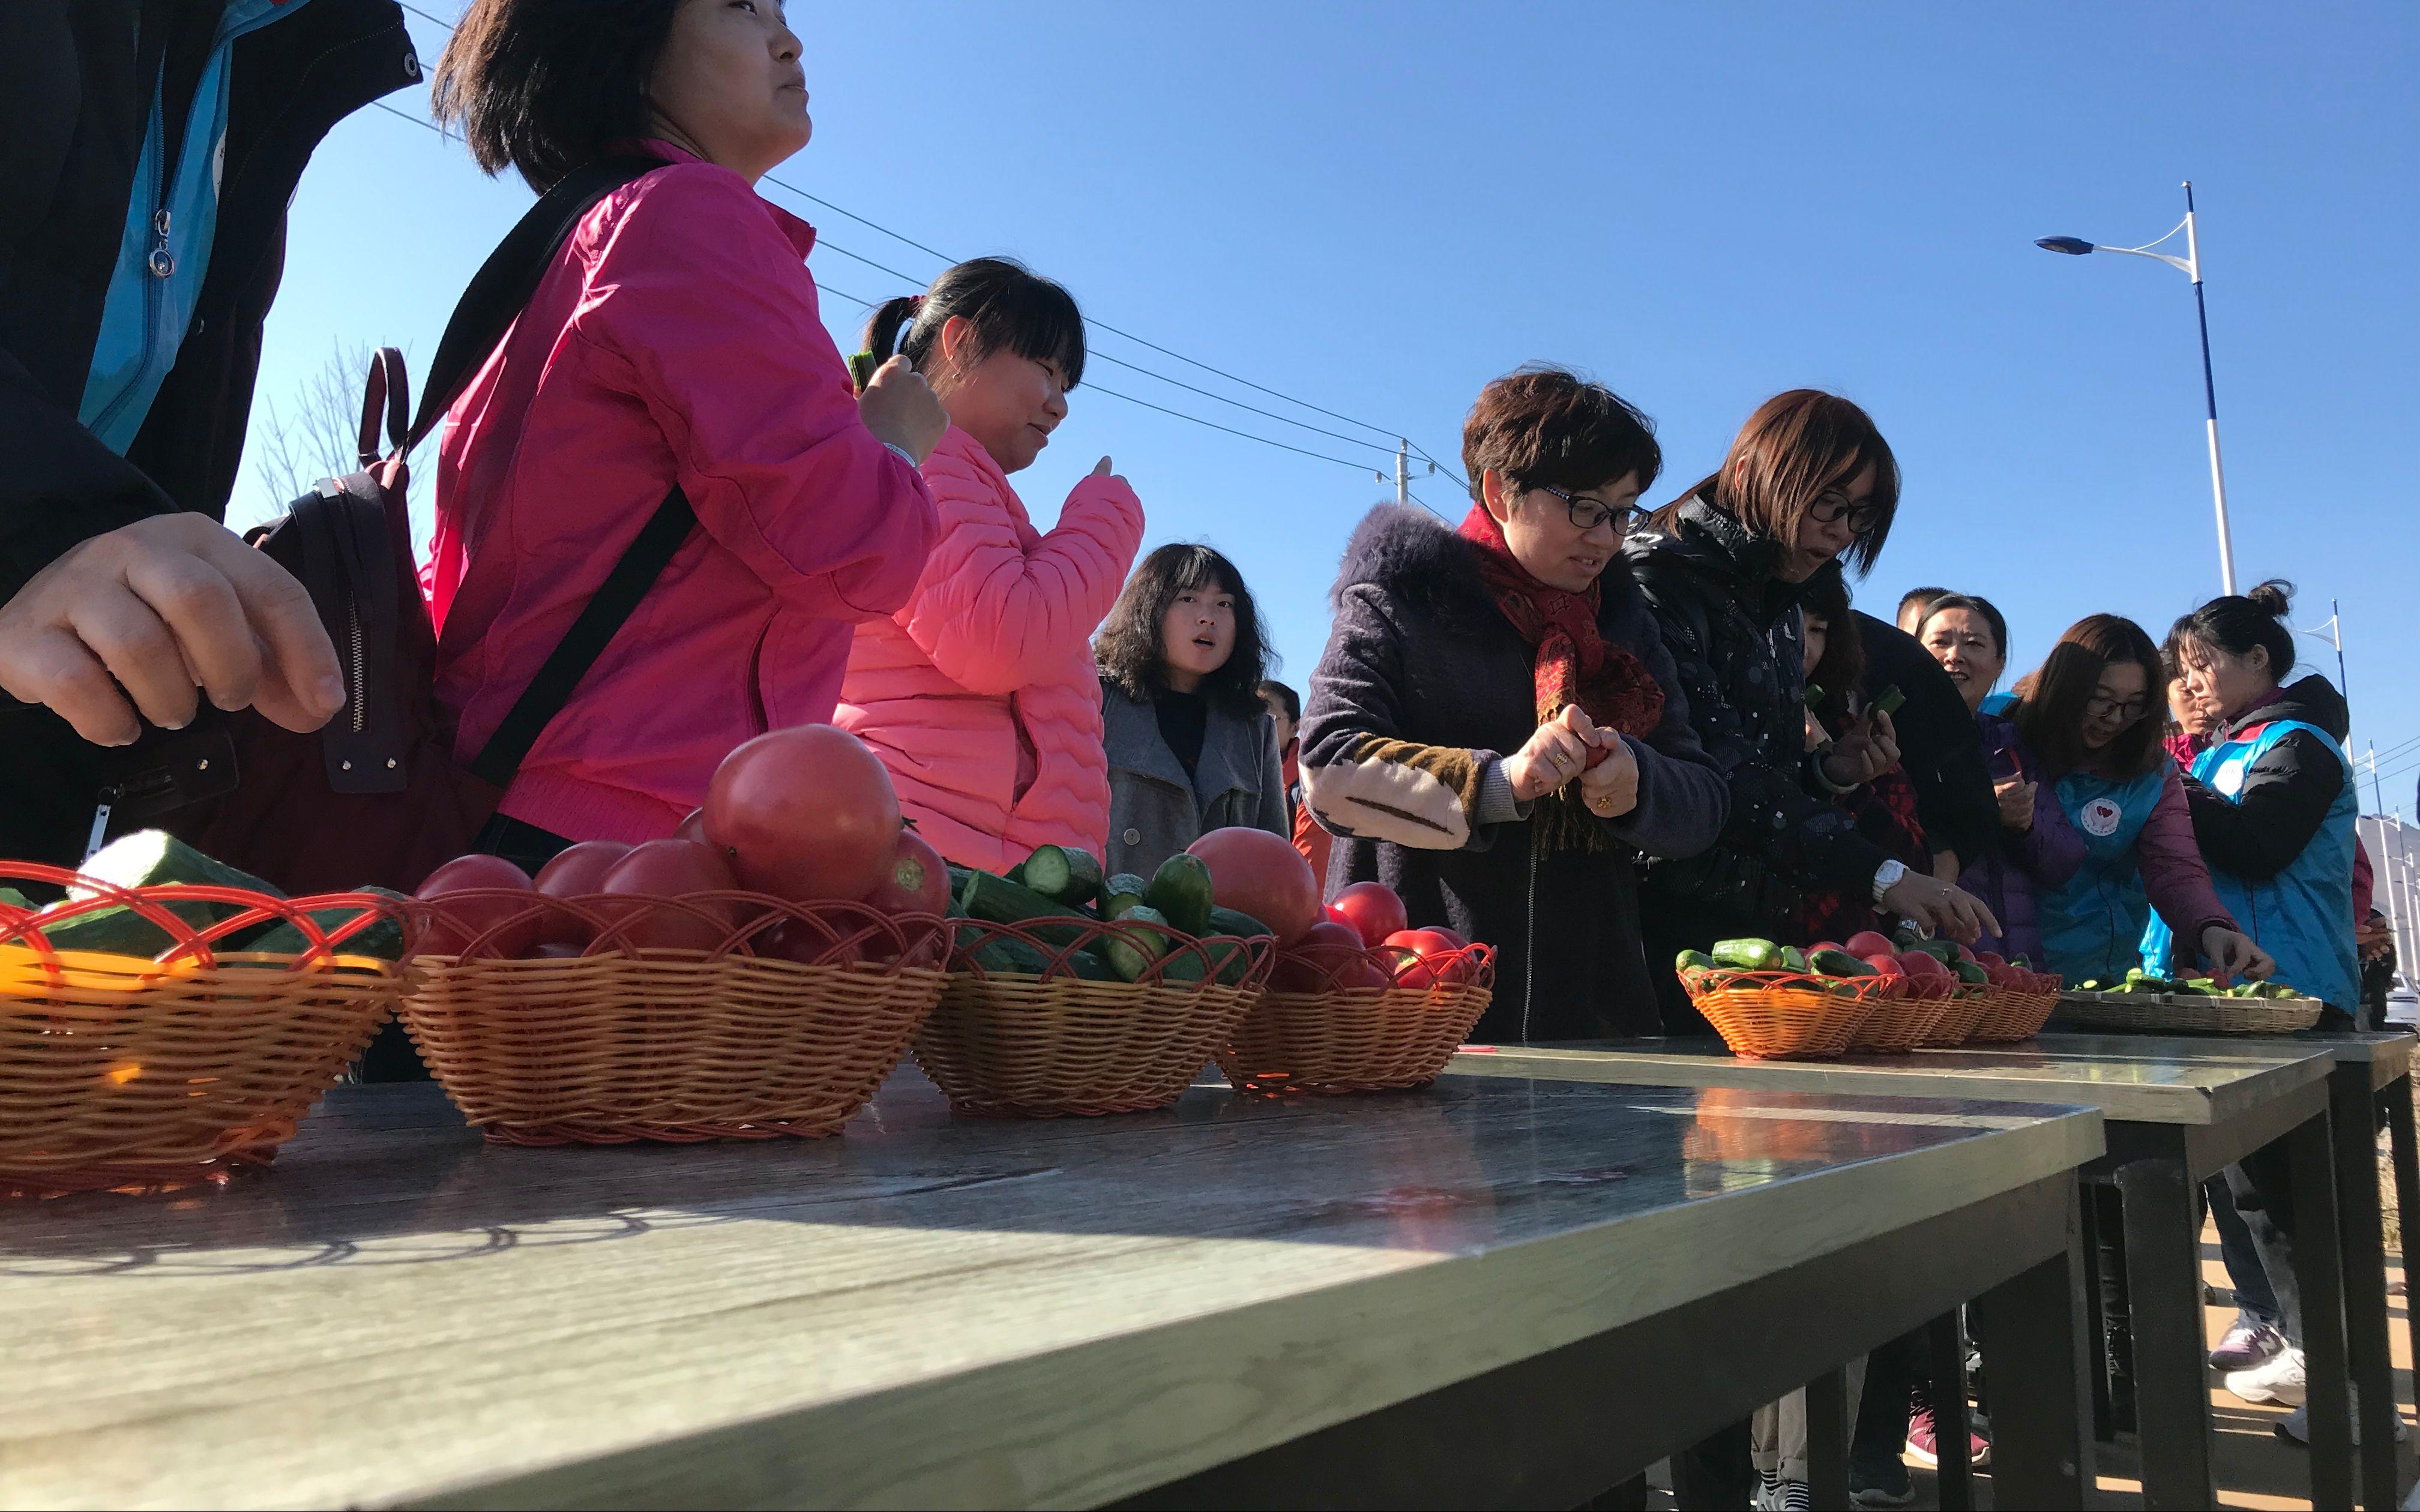 冬天也可采摘,密云大棚蔬菜进入采摘期_园区